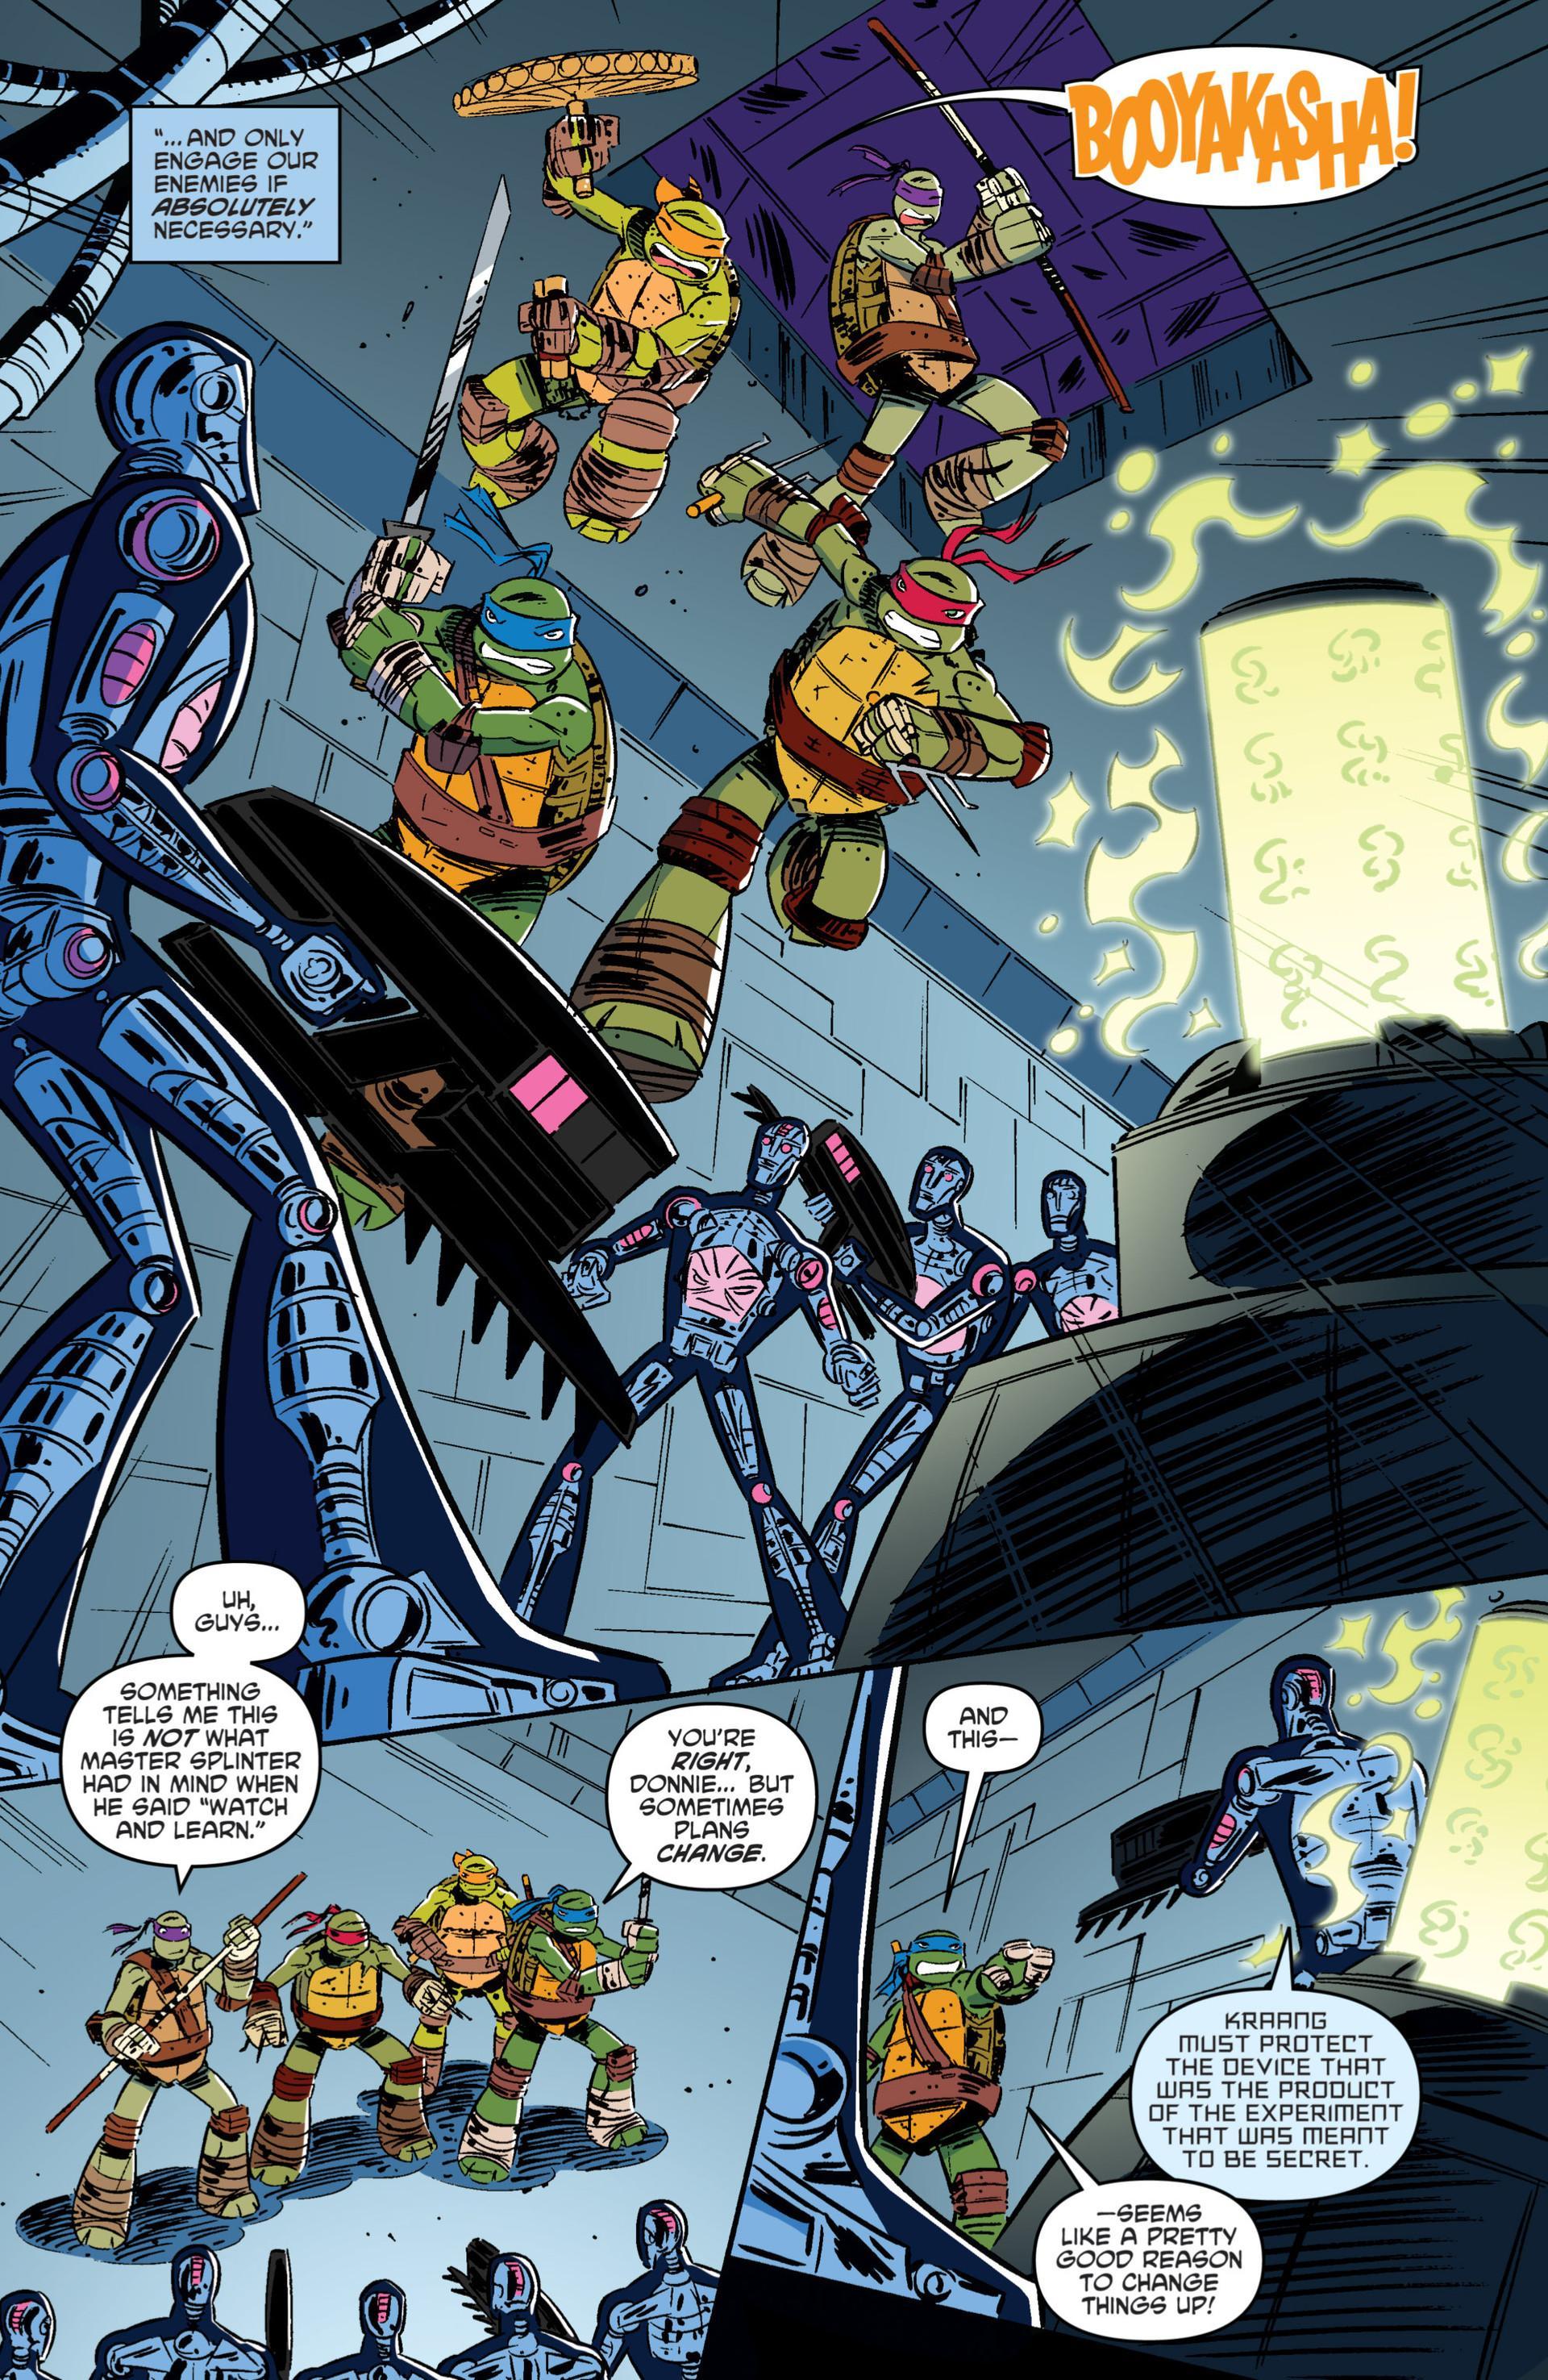 Teenage Mutant Ninja Turtles - New Animated Adventures v2 review